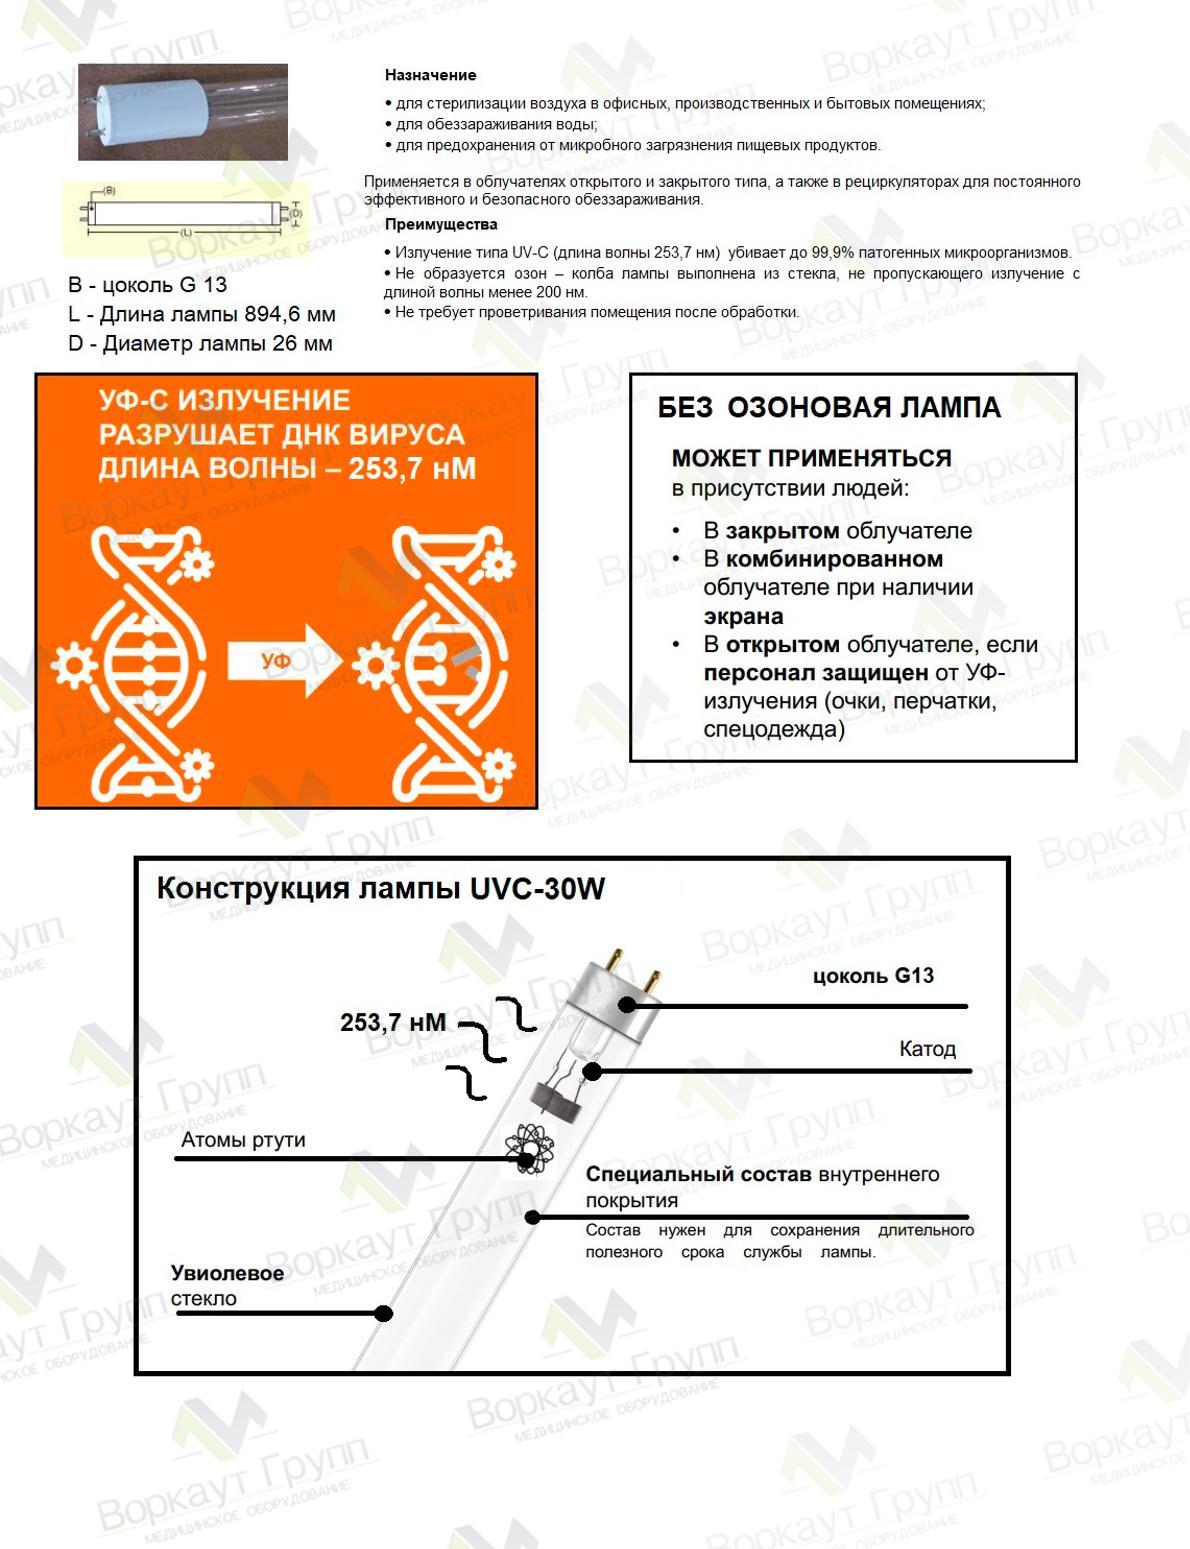 Паспорт для бактерицидной лампы UVC-30W-G13